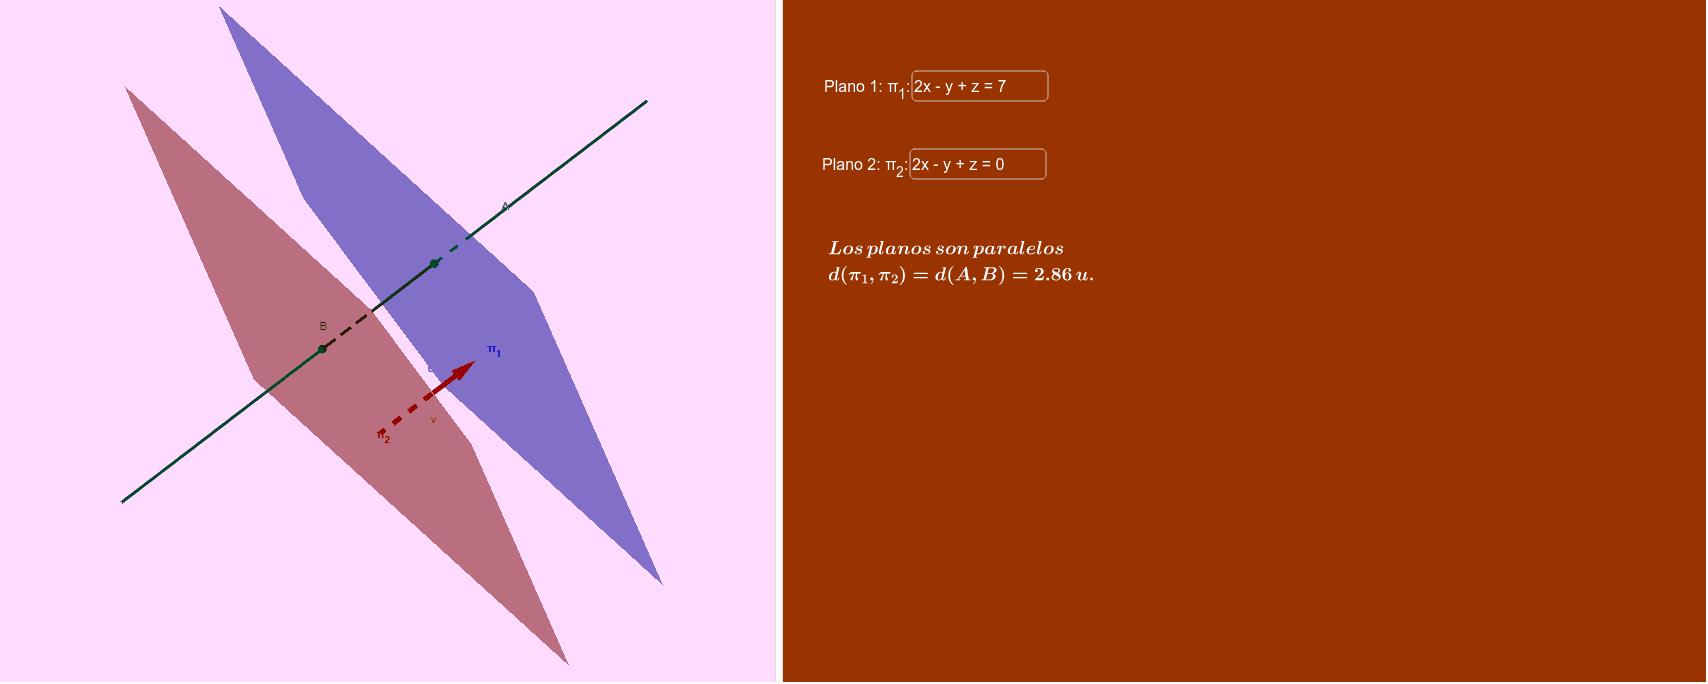 """Obviamente sólo tiene sentido la distancia entre 2 planos paralelos. En otro caso, la distancia es 0. Puedes girar la animación para verla mejor. Tapez """"Entrée"""" pour démarrer l'activité"""